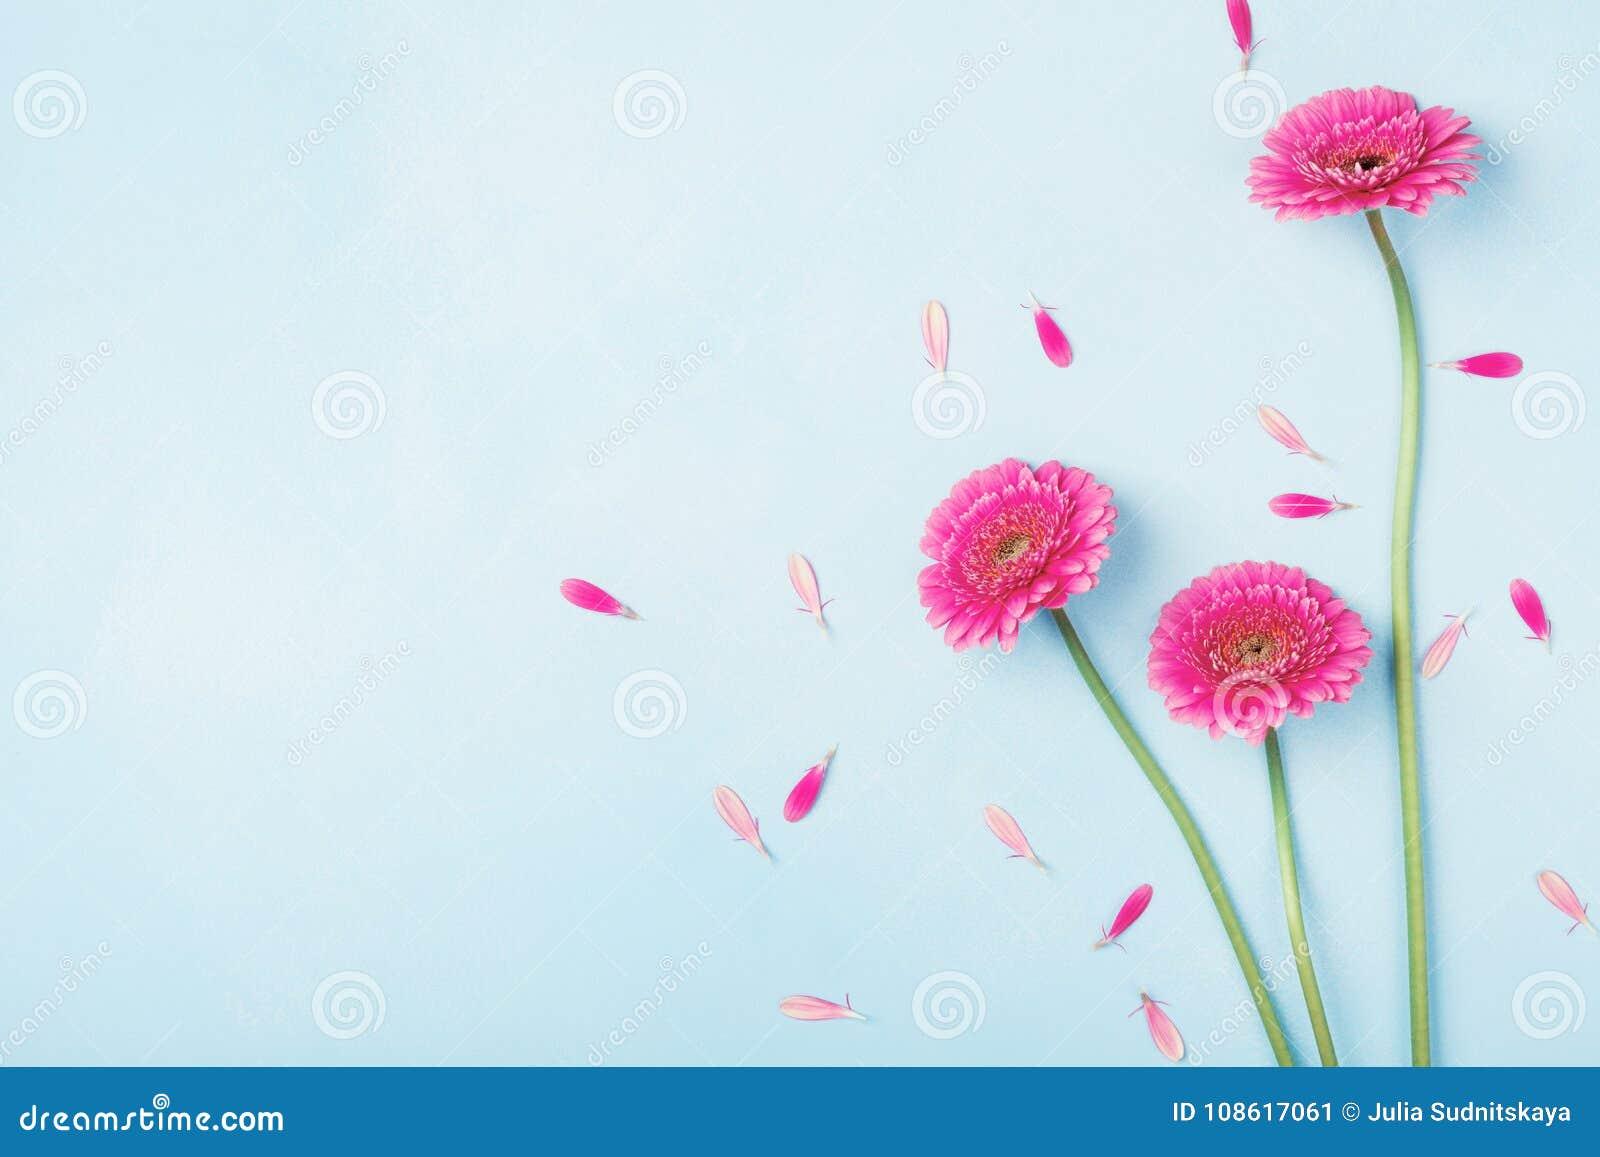 Όμορφα ρόδινα λουλούδια άνοιξη στην μπλε άποψη επιτραπέζιων κορυφών κρητιδογραφιών σύνορα floral επίπεδος βάλτε το ύφος